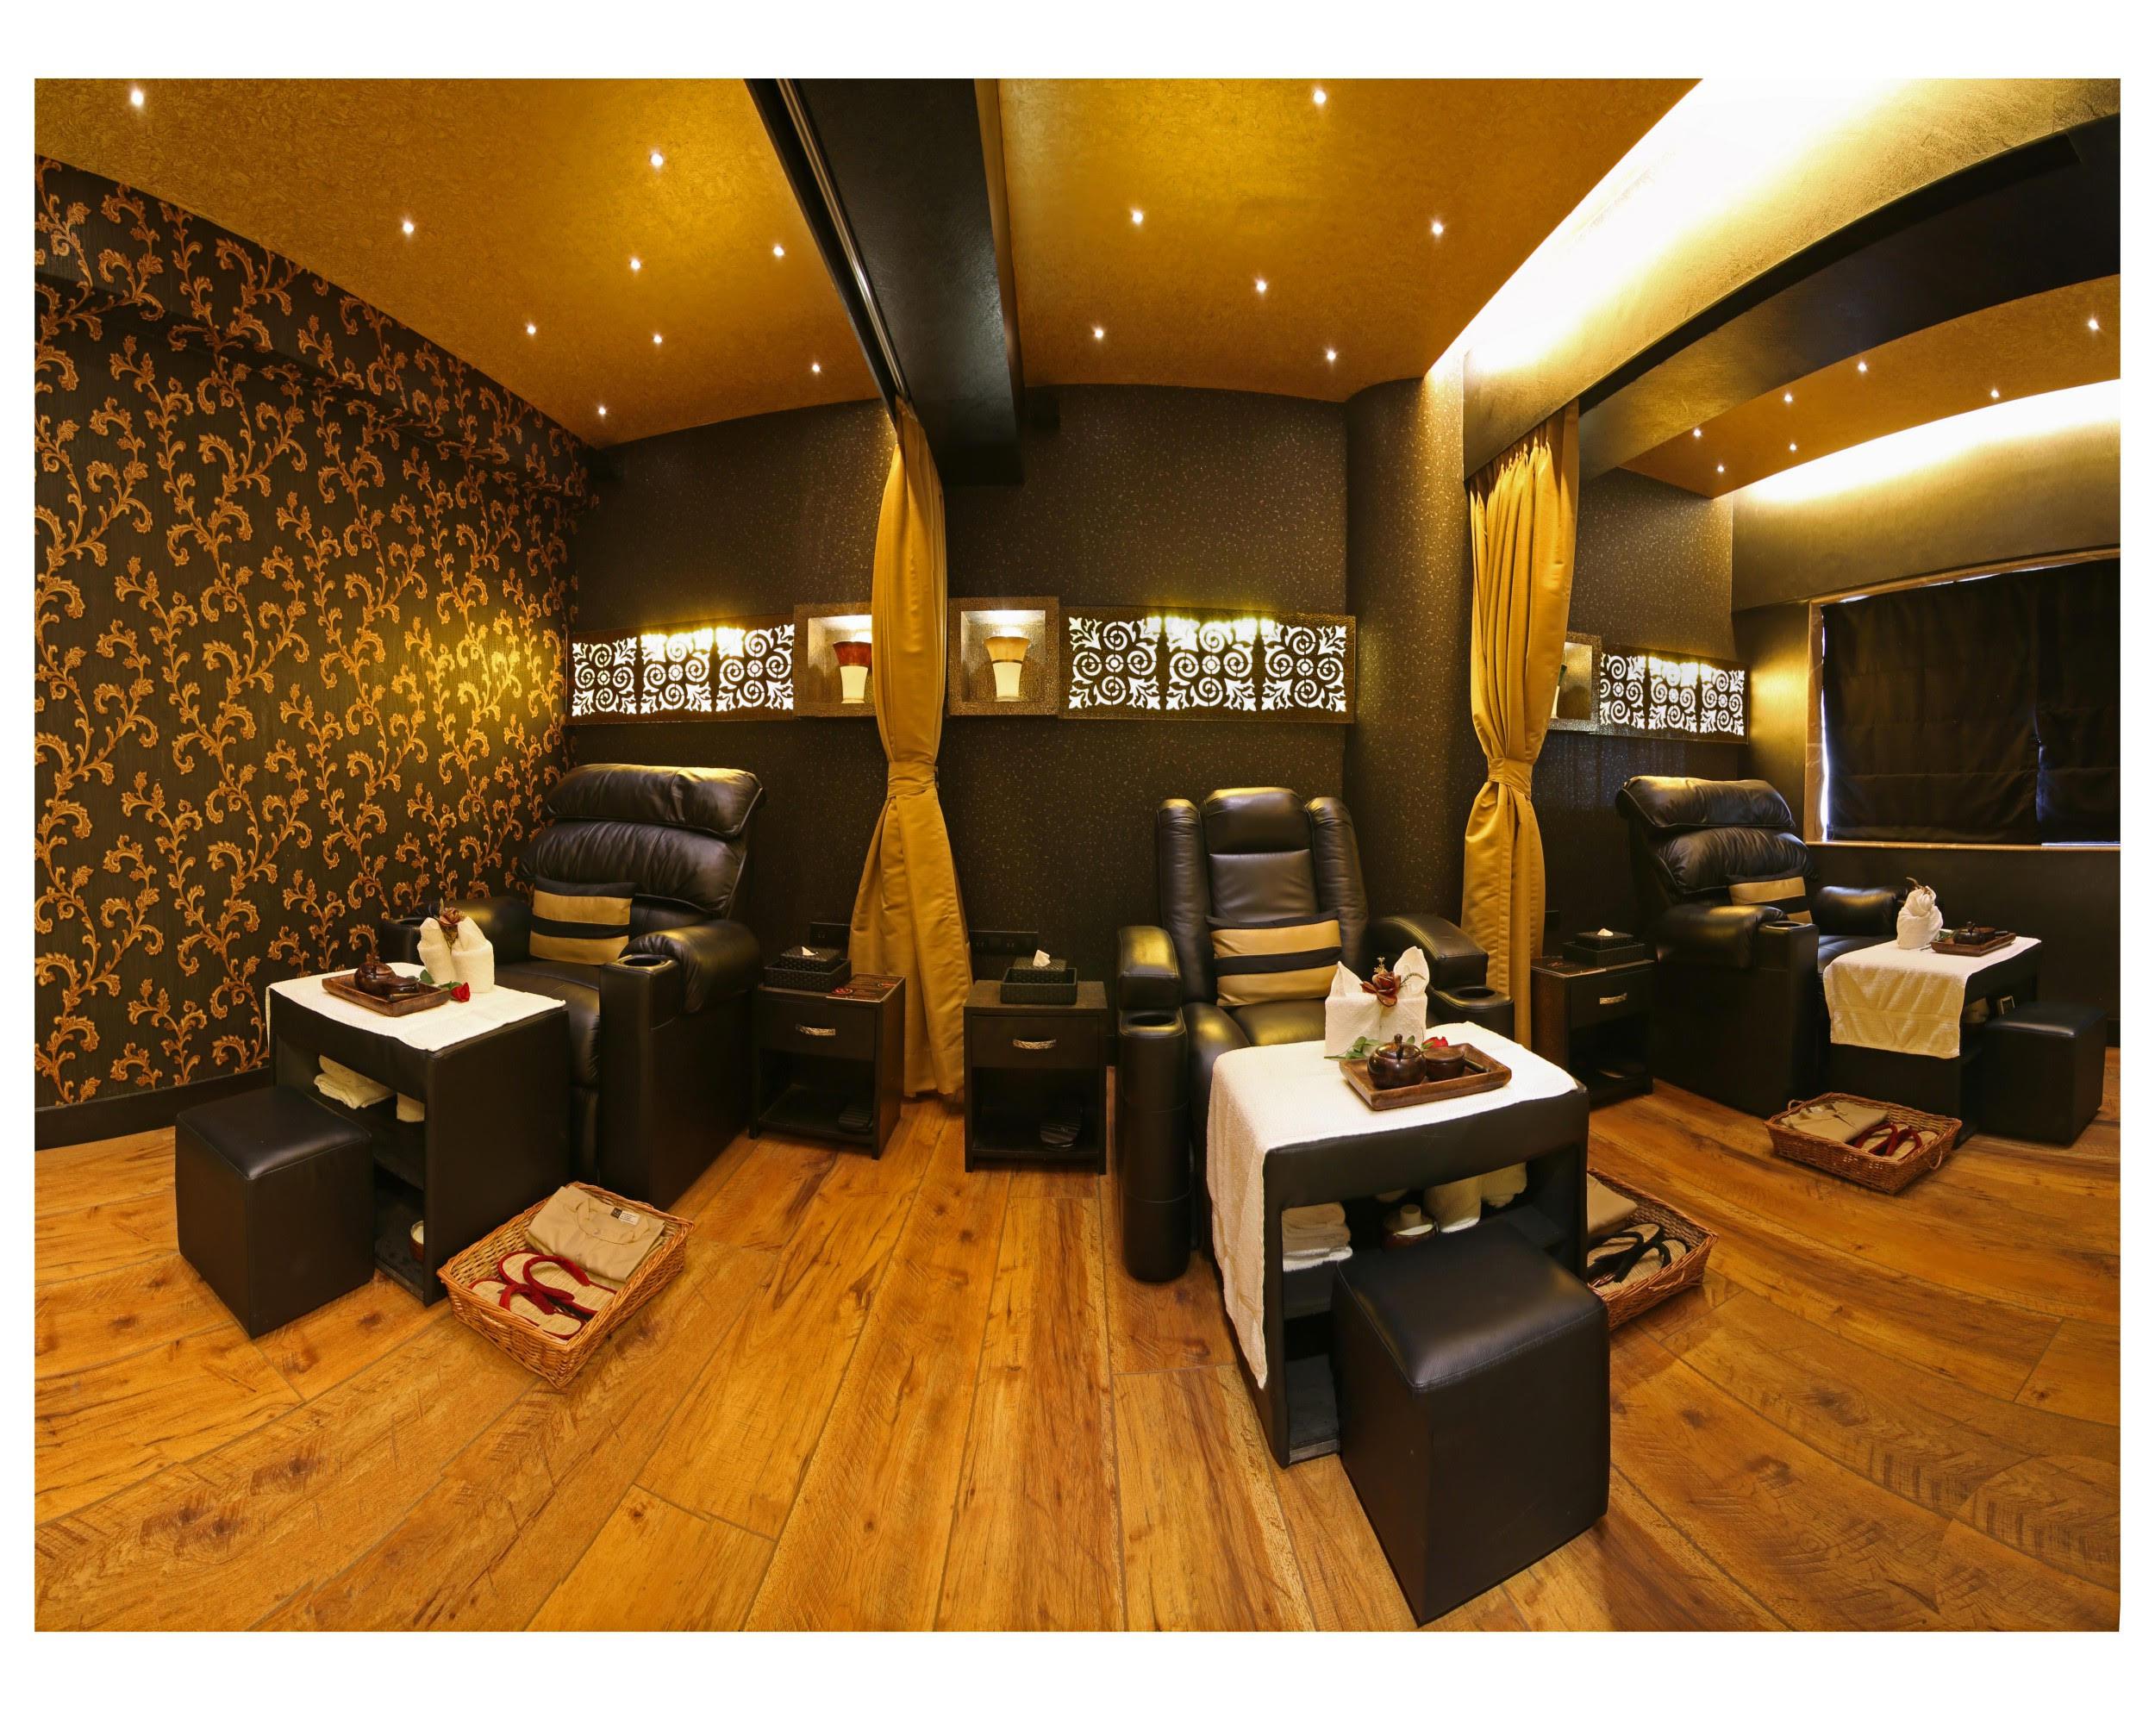 Recliner digital spa design mumbai ishita joshiishita joshi for Salons in mumbai